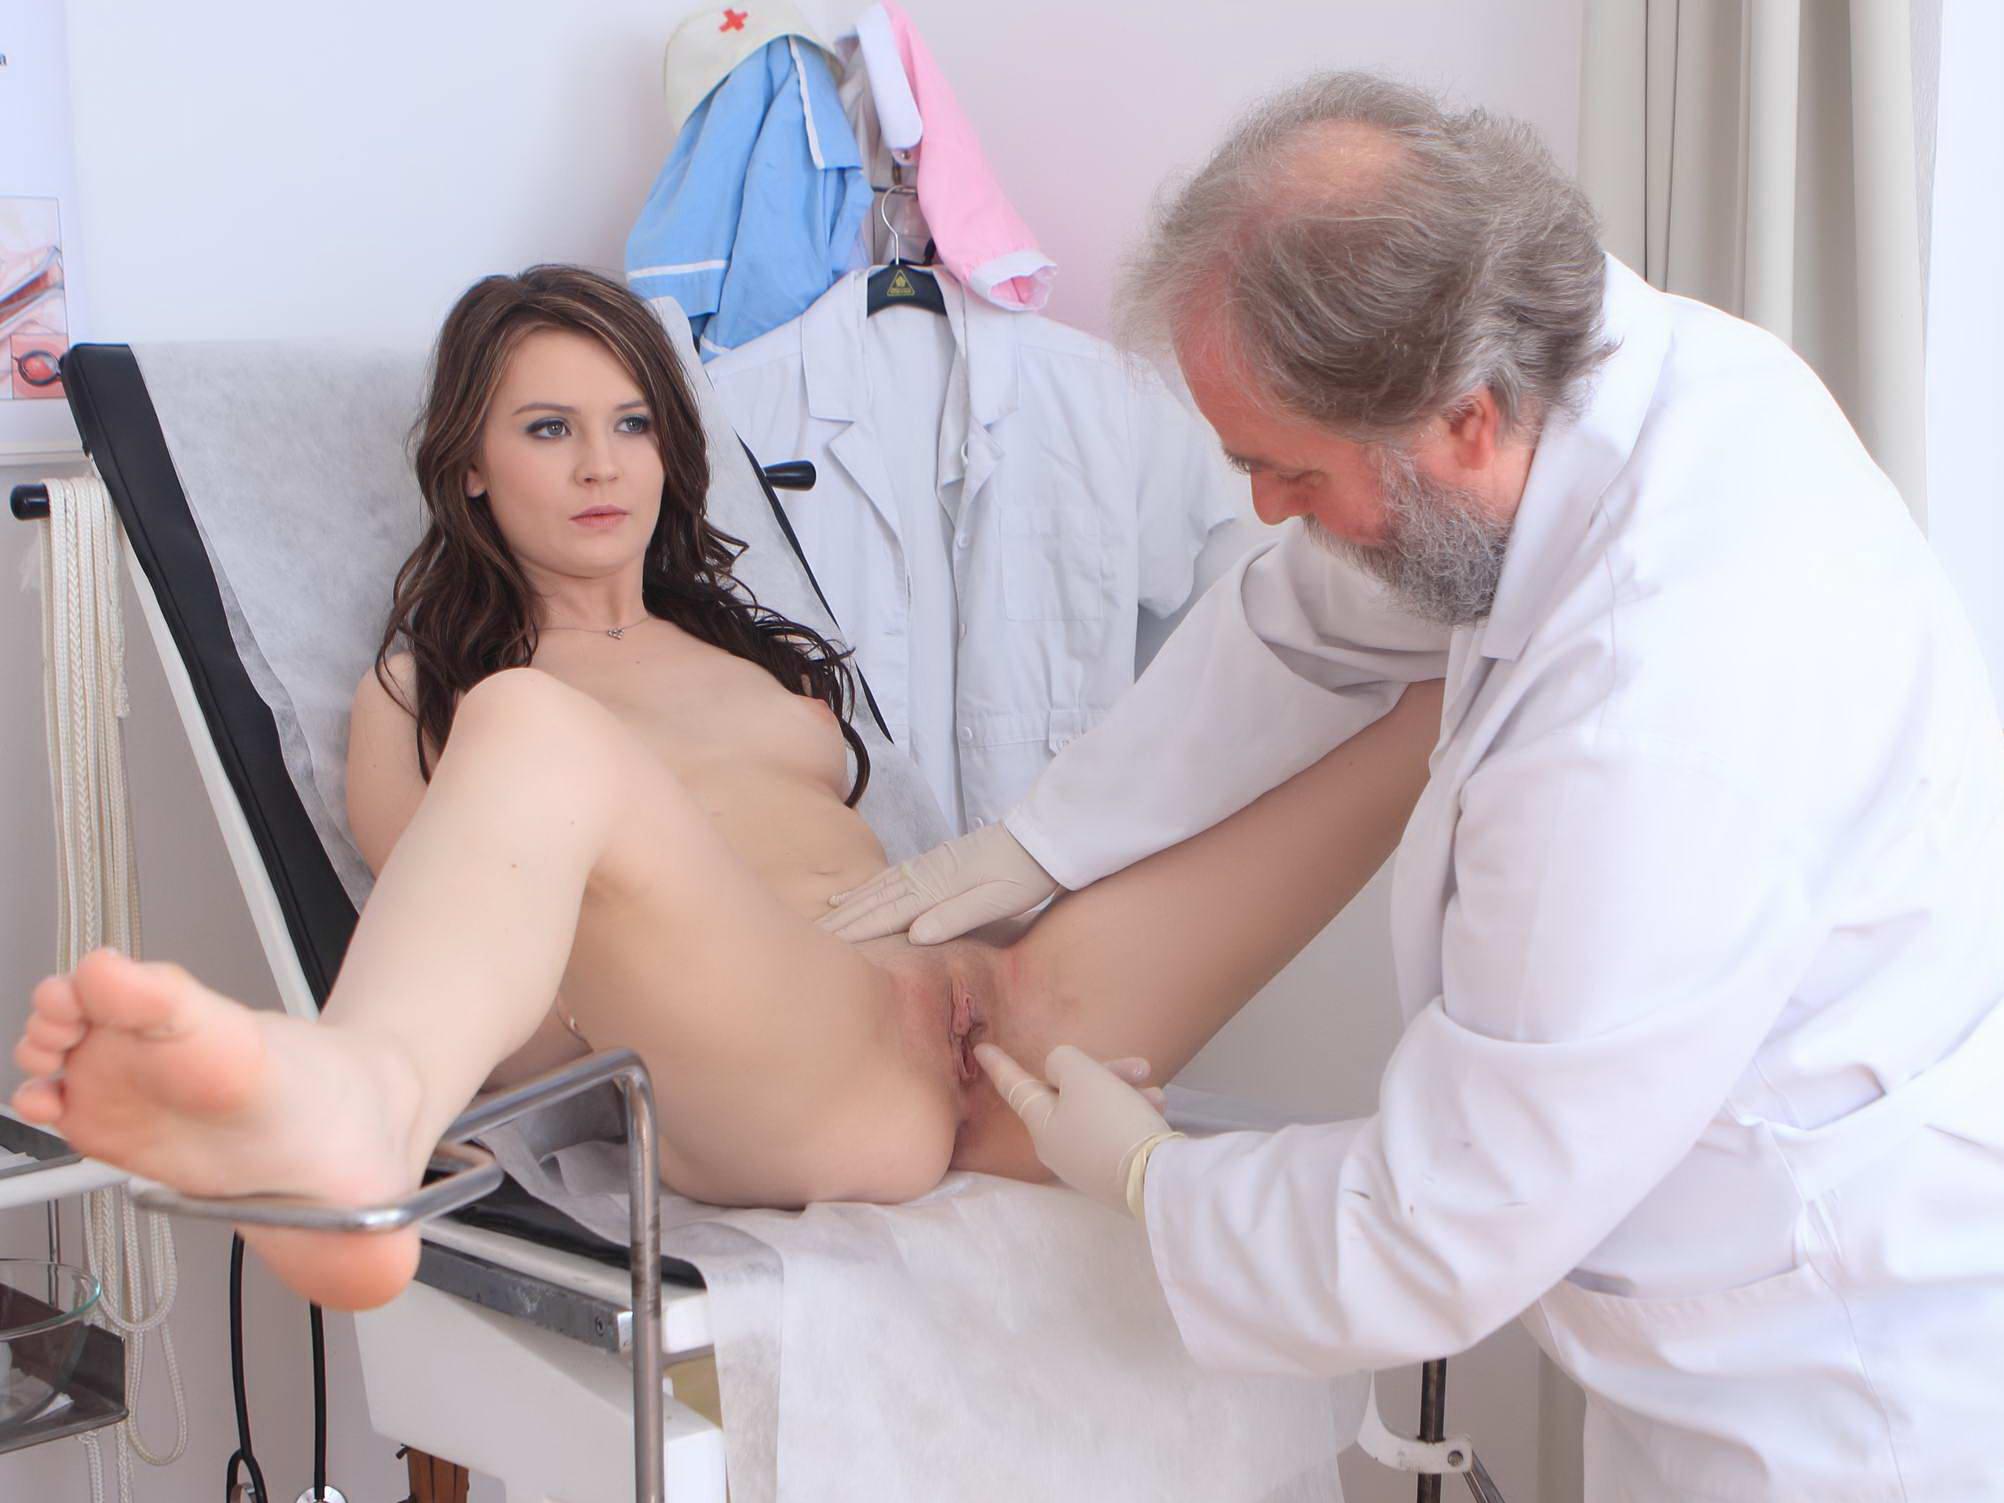 порно рассказ молодая девушка врач